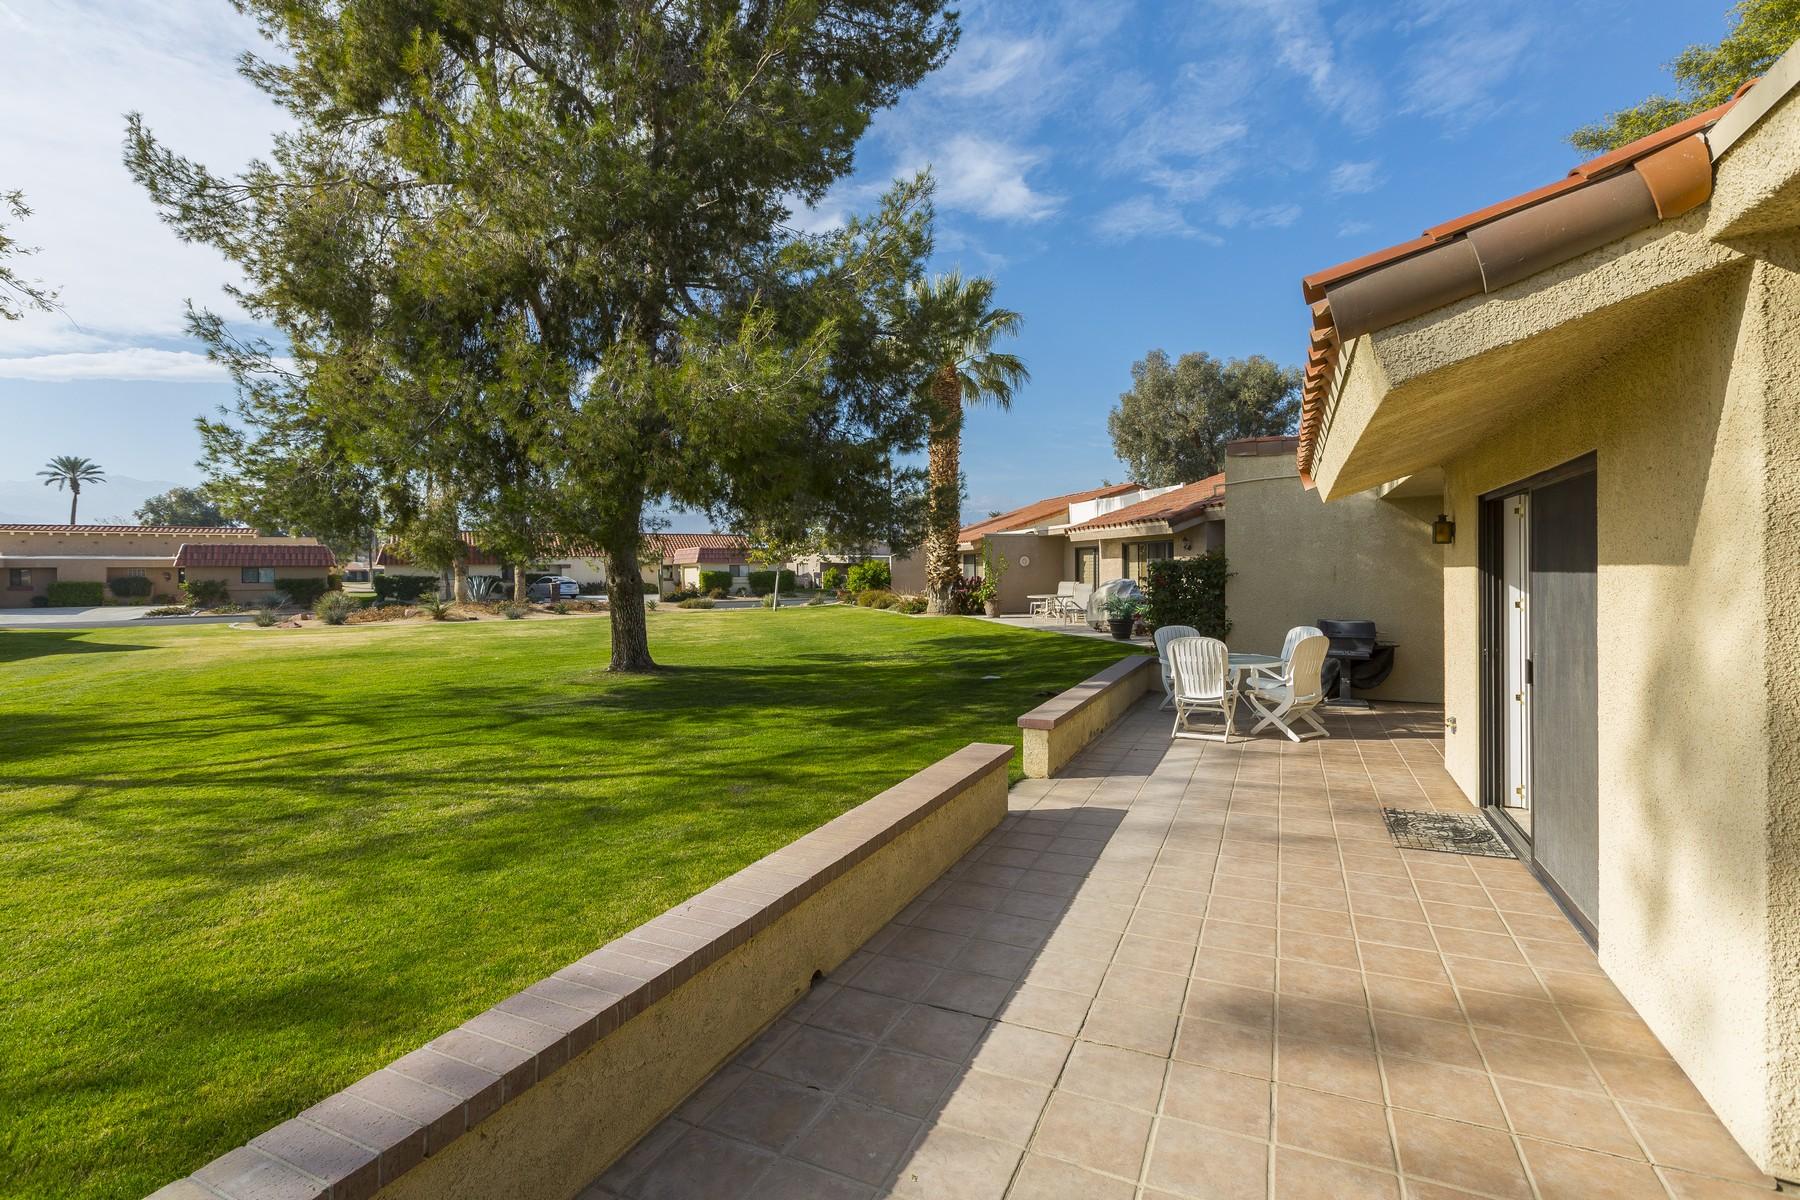 共管物業 為 出售 在 77383 Sawgrass Circle Palm Desert, 加利福尼亞州, 92211 美國